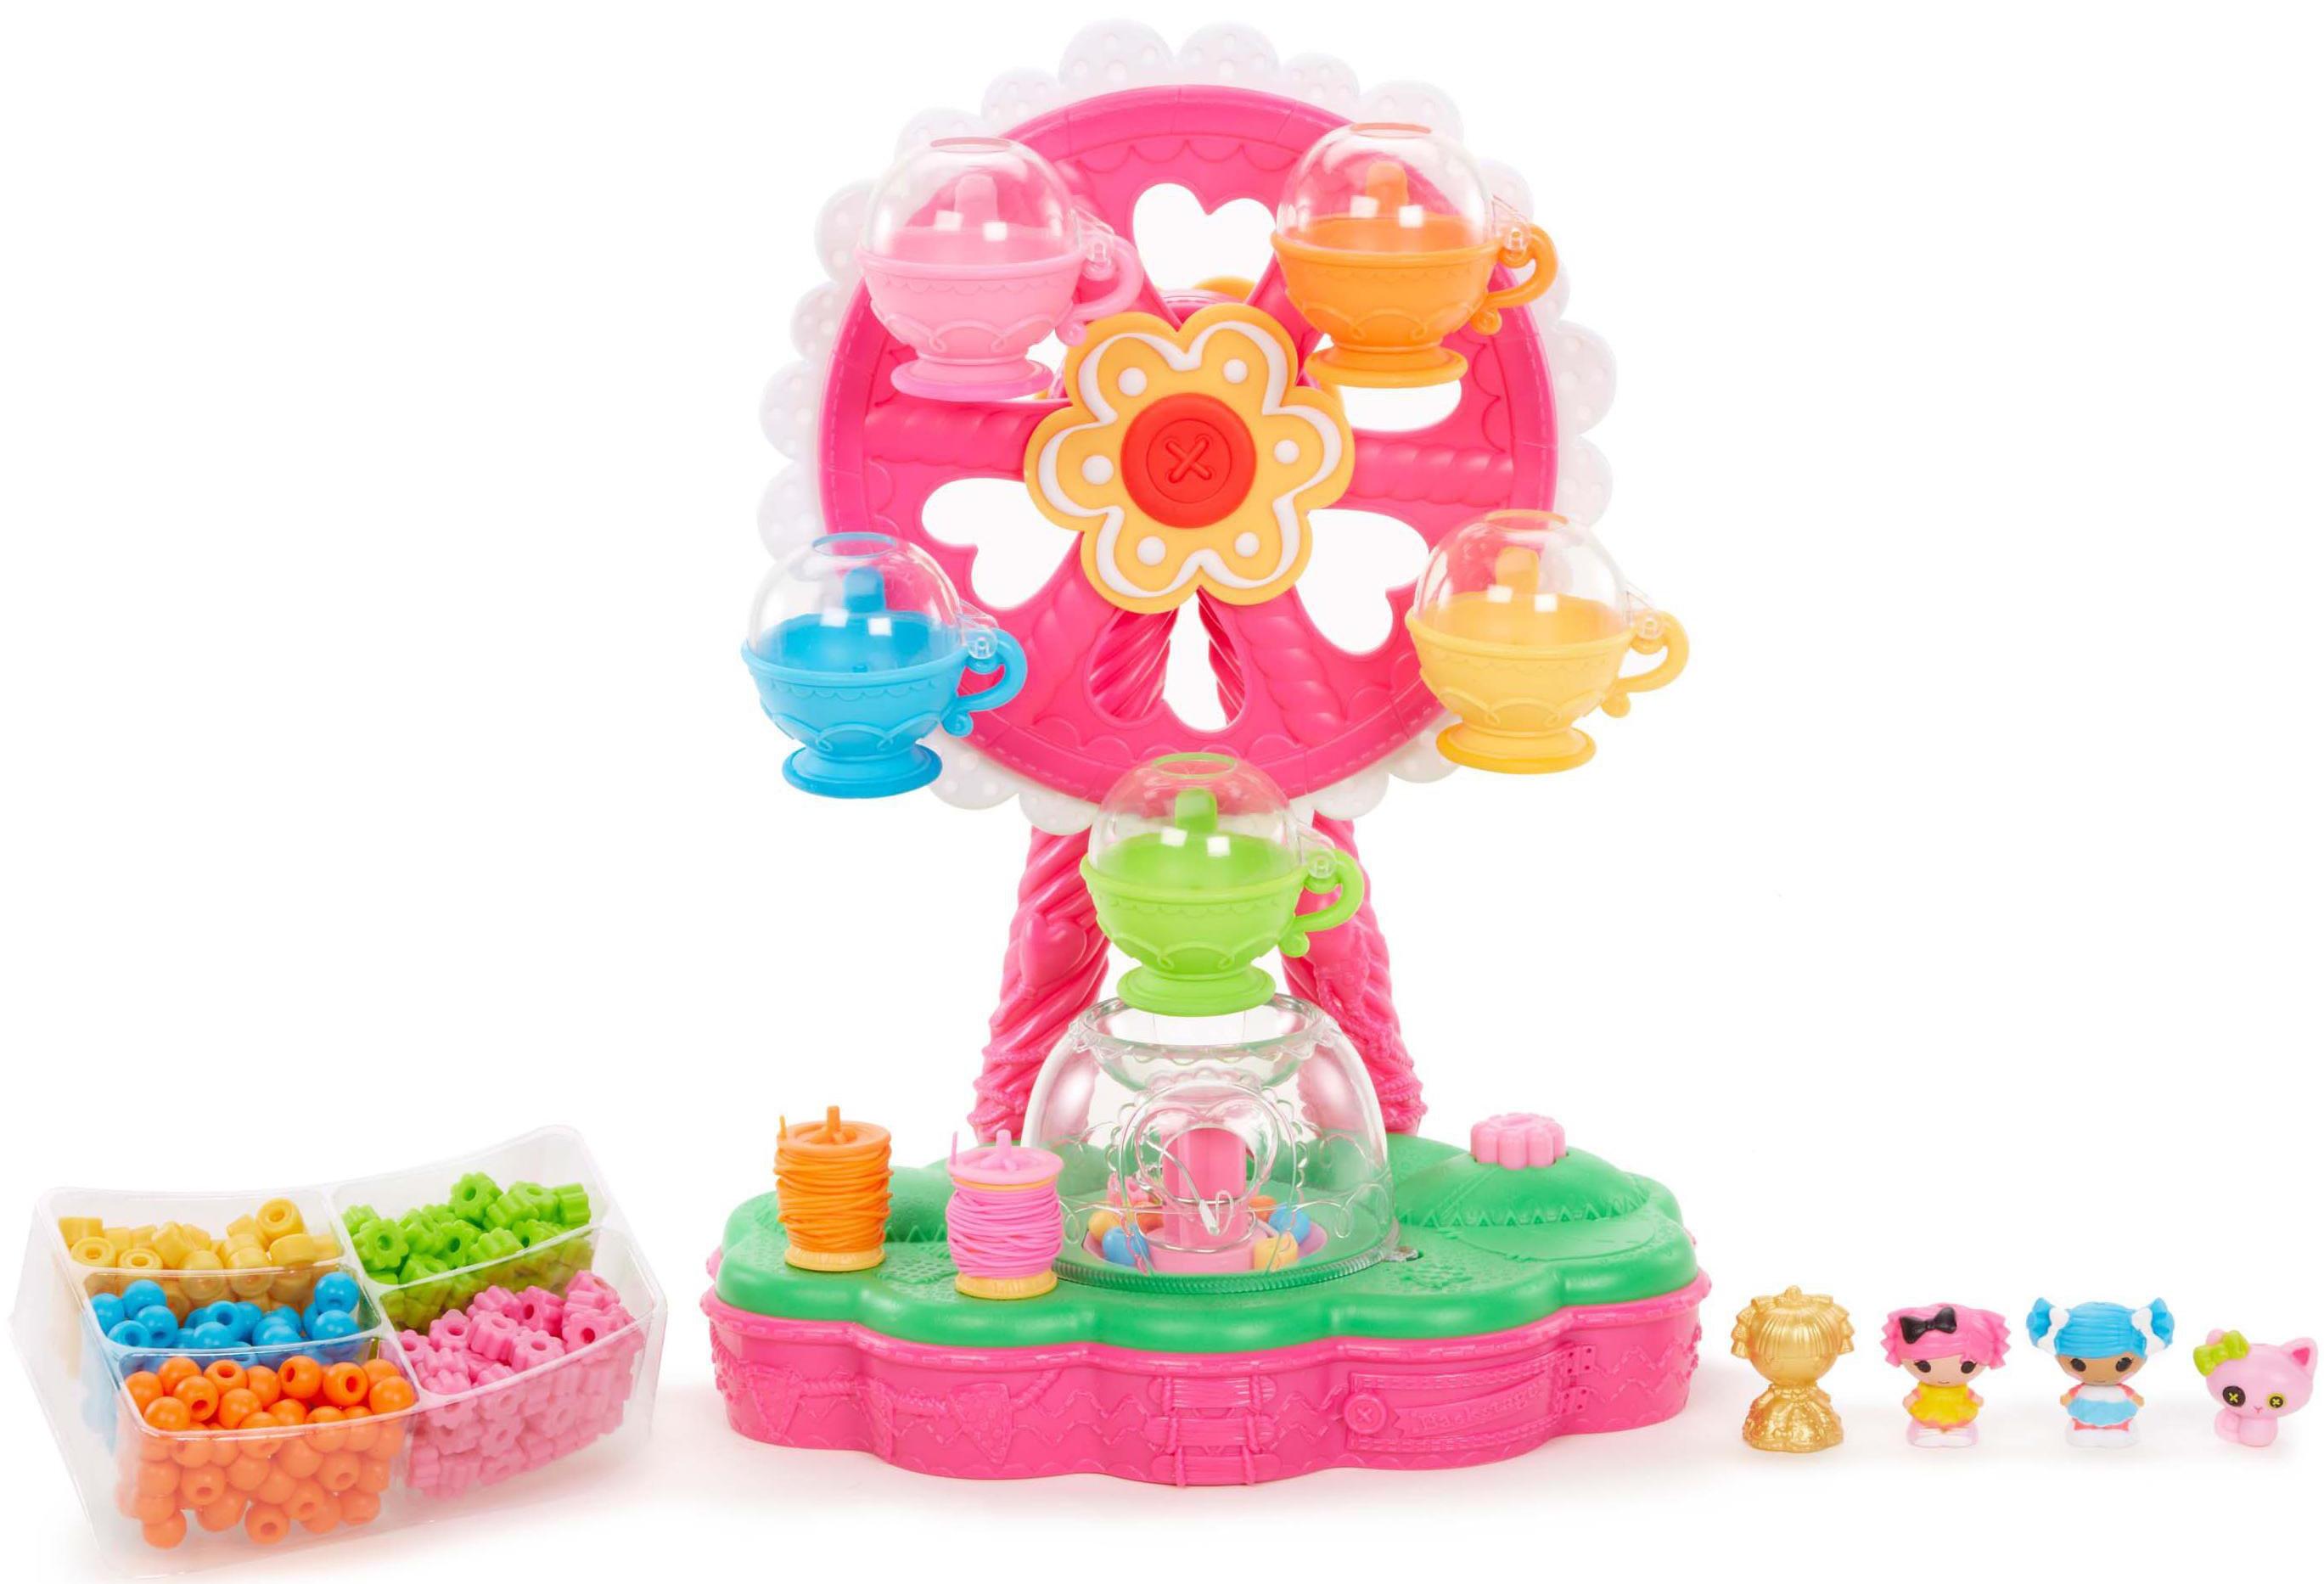 Купить Игровой набор, Карусель Лалалупси для создания украшений из бусинок, 1шт., Lalaloopsy 537809, Китай, Мультиколор, Женский